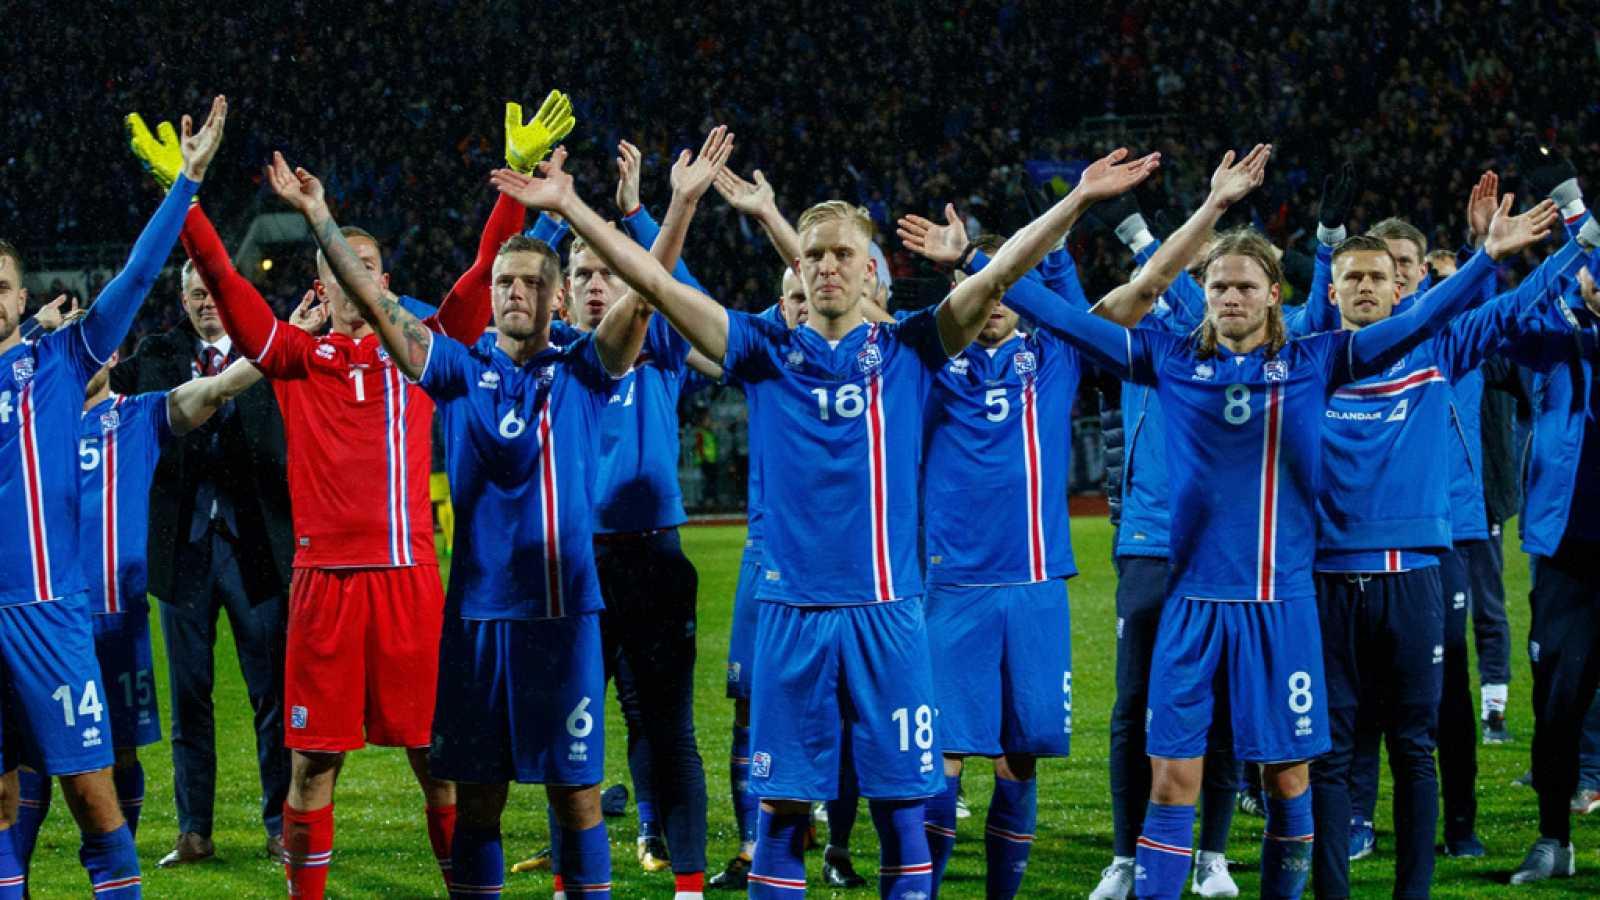 La selección islandesa sigue haciendo historia al haber conseguido la clasificación para su primer Mundial de fútbol. Por otra parte, Croacia celebró un segundo puesto de grupo que le manda a la repesca, su última opción de lograr el pase mundialista